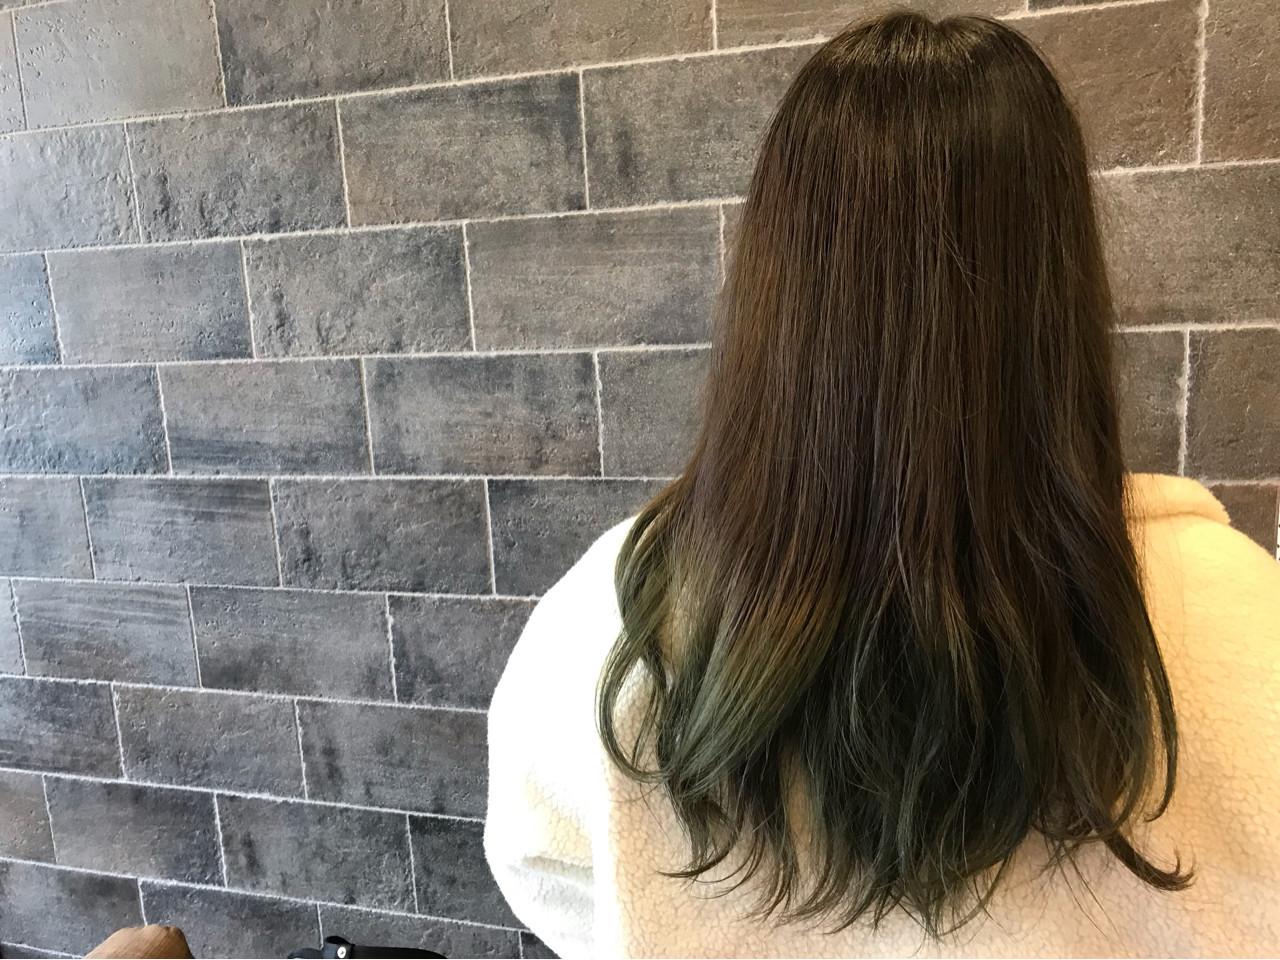 毛先をグリーンにして、目立ちすぎない個性派ロング☆ RoomRICHAIR | RoomRICHAIR